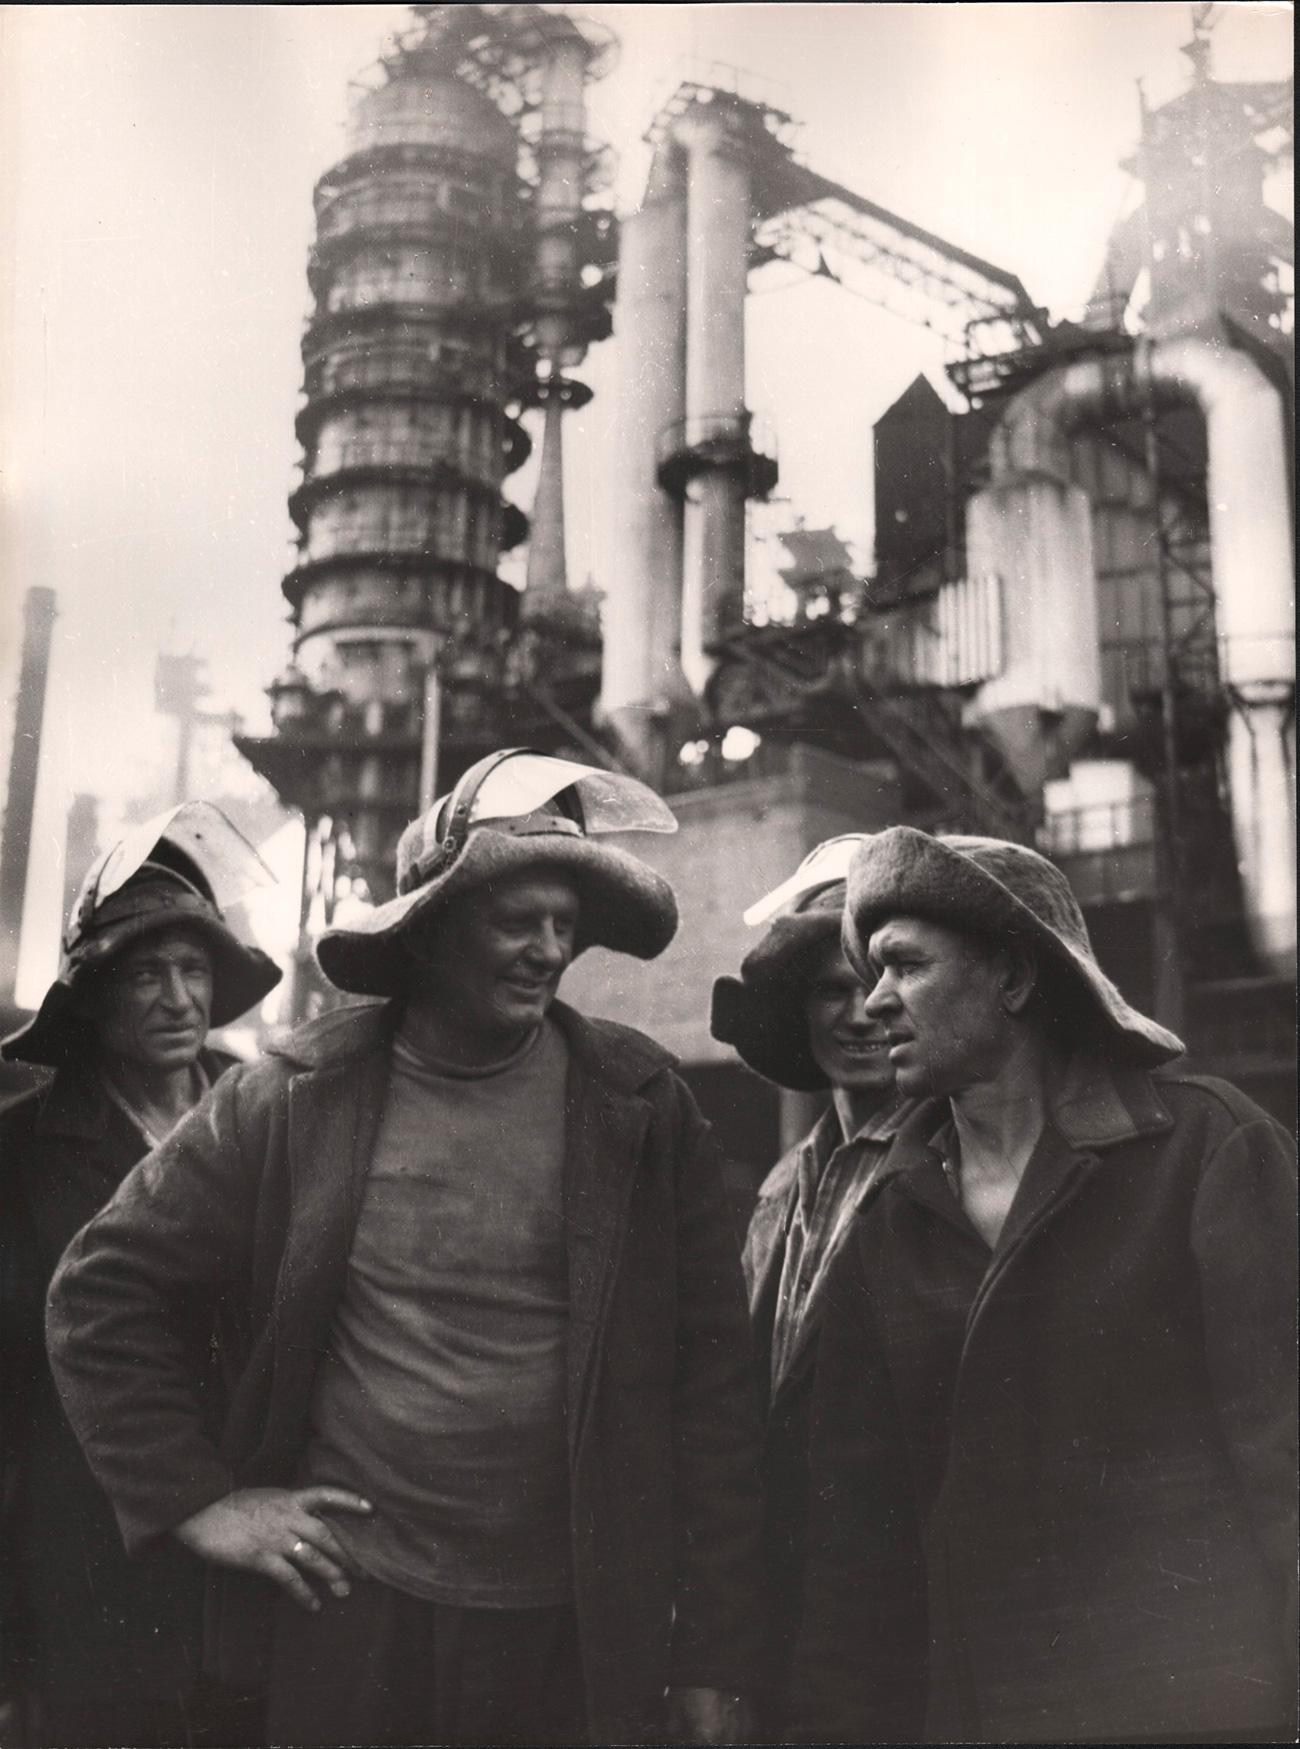 Il Fondo fotografico conserva oltre 5.000 immagini originali che ritraggono l'Urss tra il 1950 e il 1990